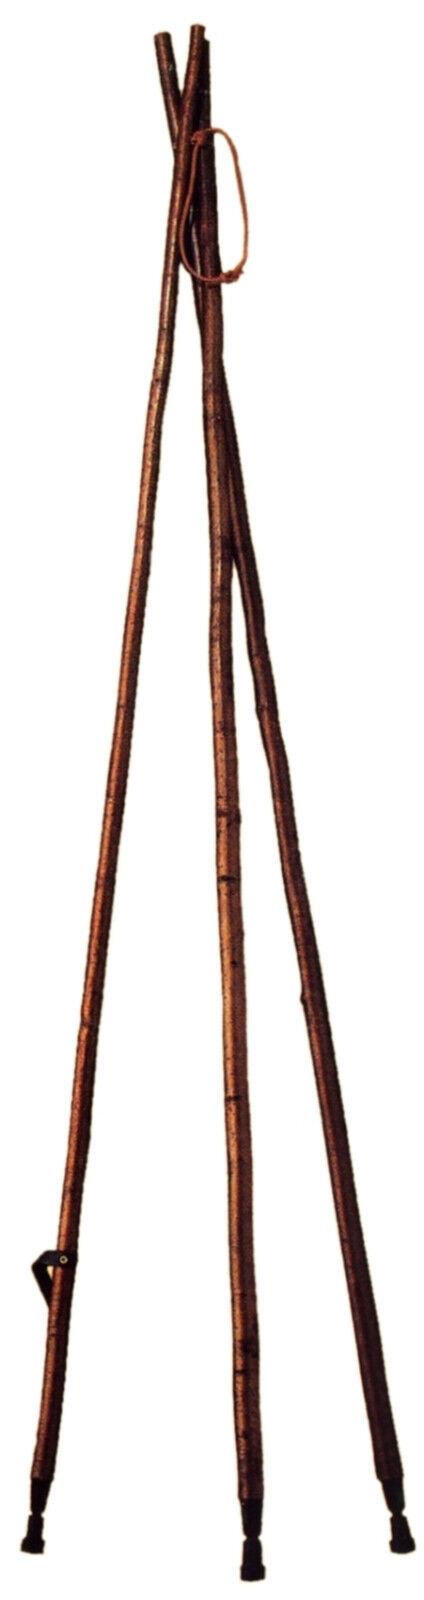 Objetivo objetivo bastón ayuda de avellano-edelkastanie con corteza-tres pierna caza estable